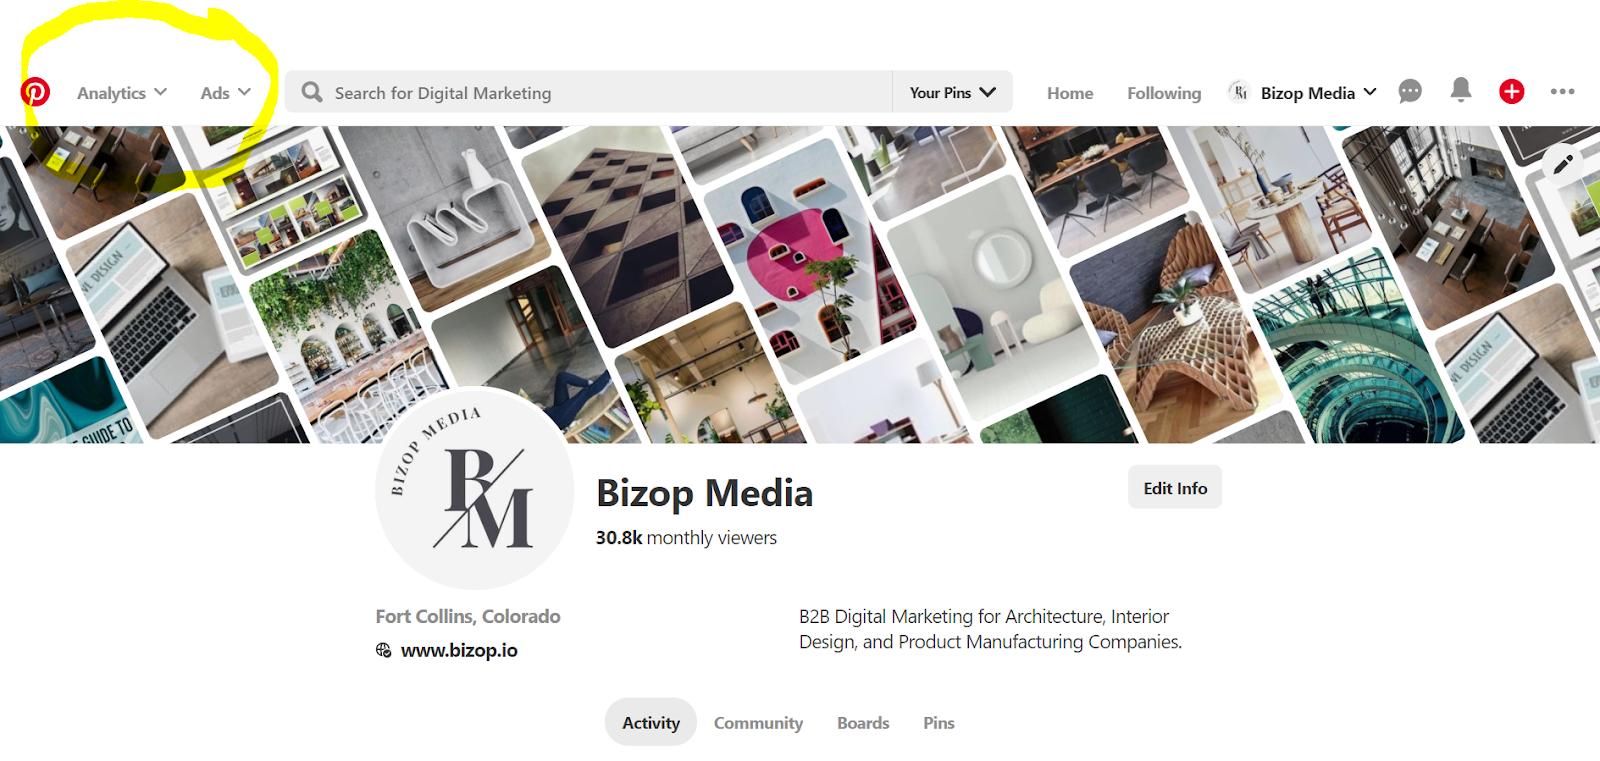 Bizop Media's page on Pinterest